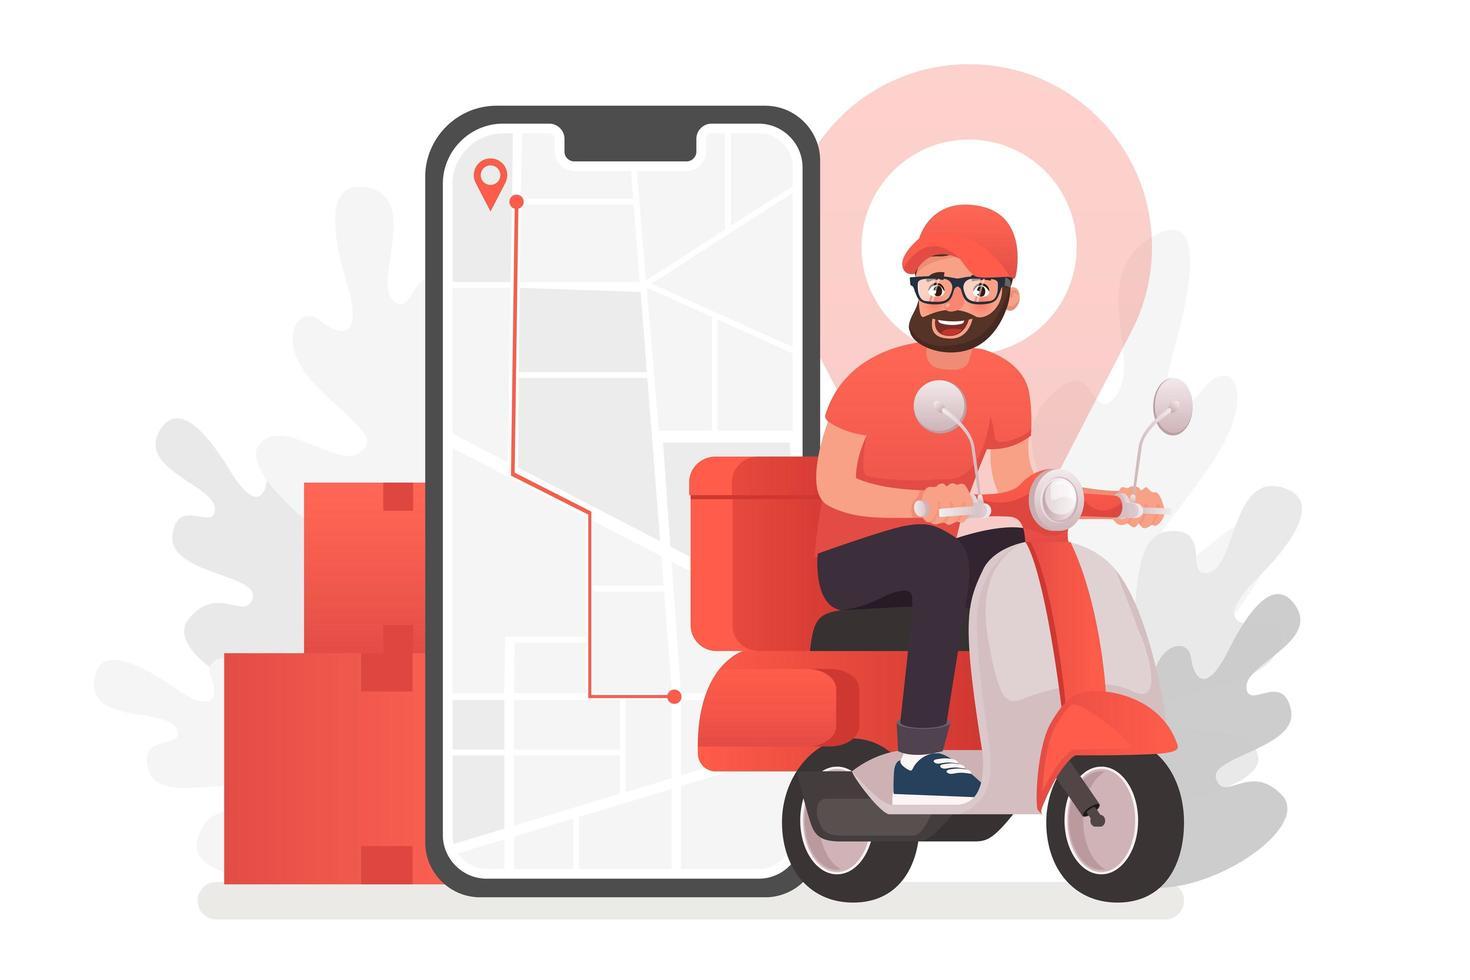 uomo delizioso su scooter davanti al telefono vettore